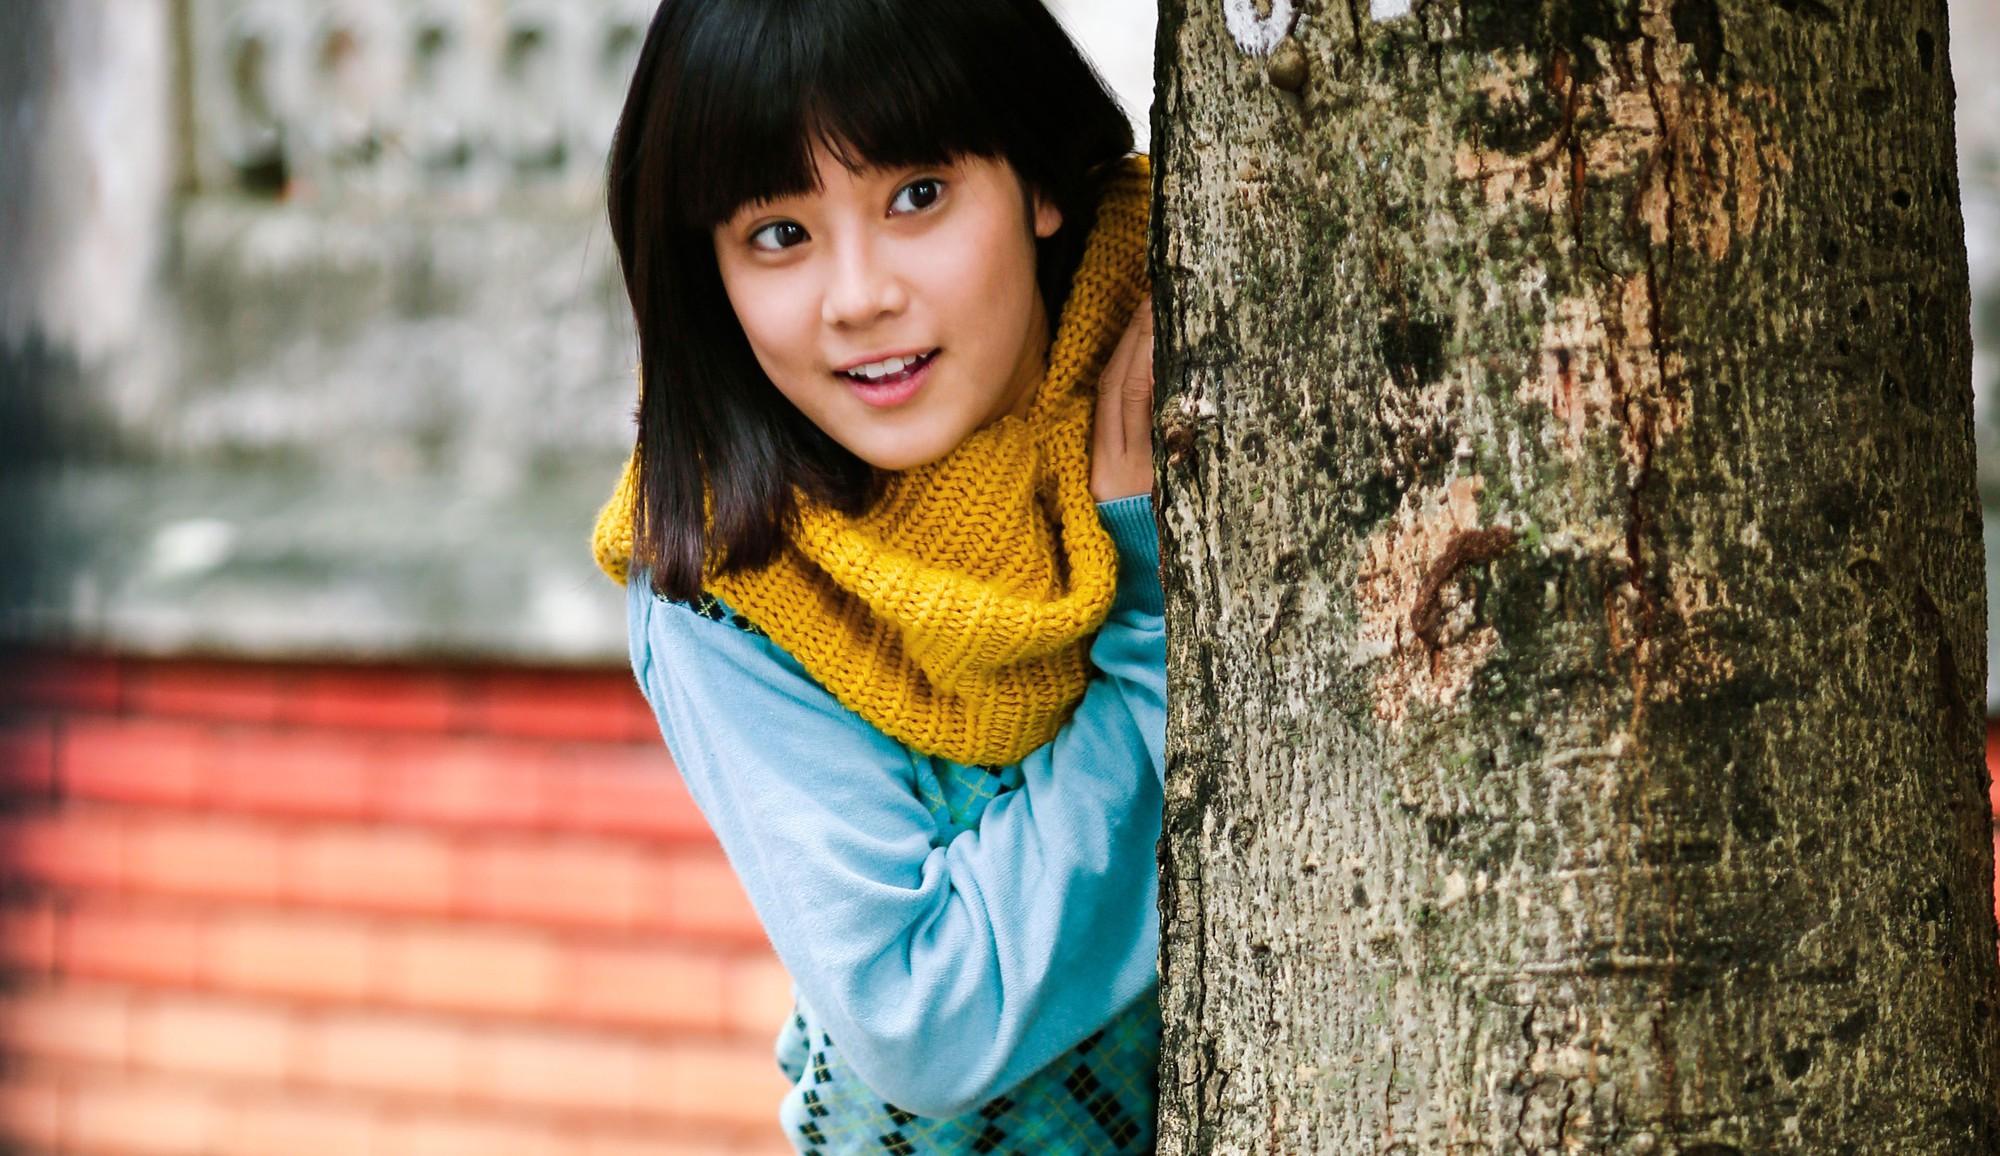 Tháng năm rực rỡ của cô diễn viên Hoàng Yến Chibi đã bắt đầu từ hôm nay! - Ảnh 13.